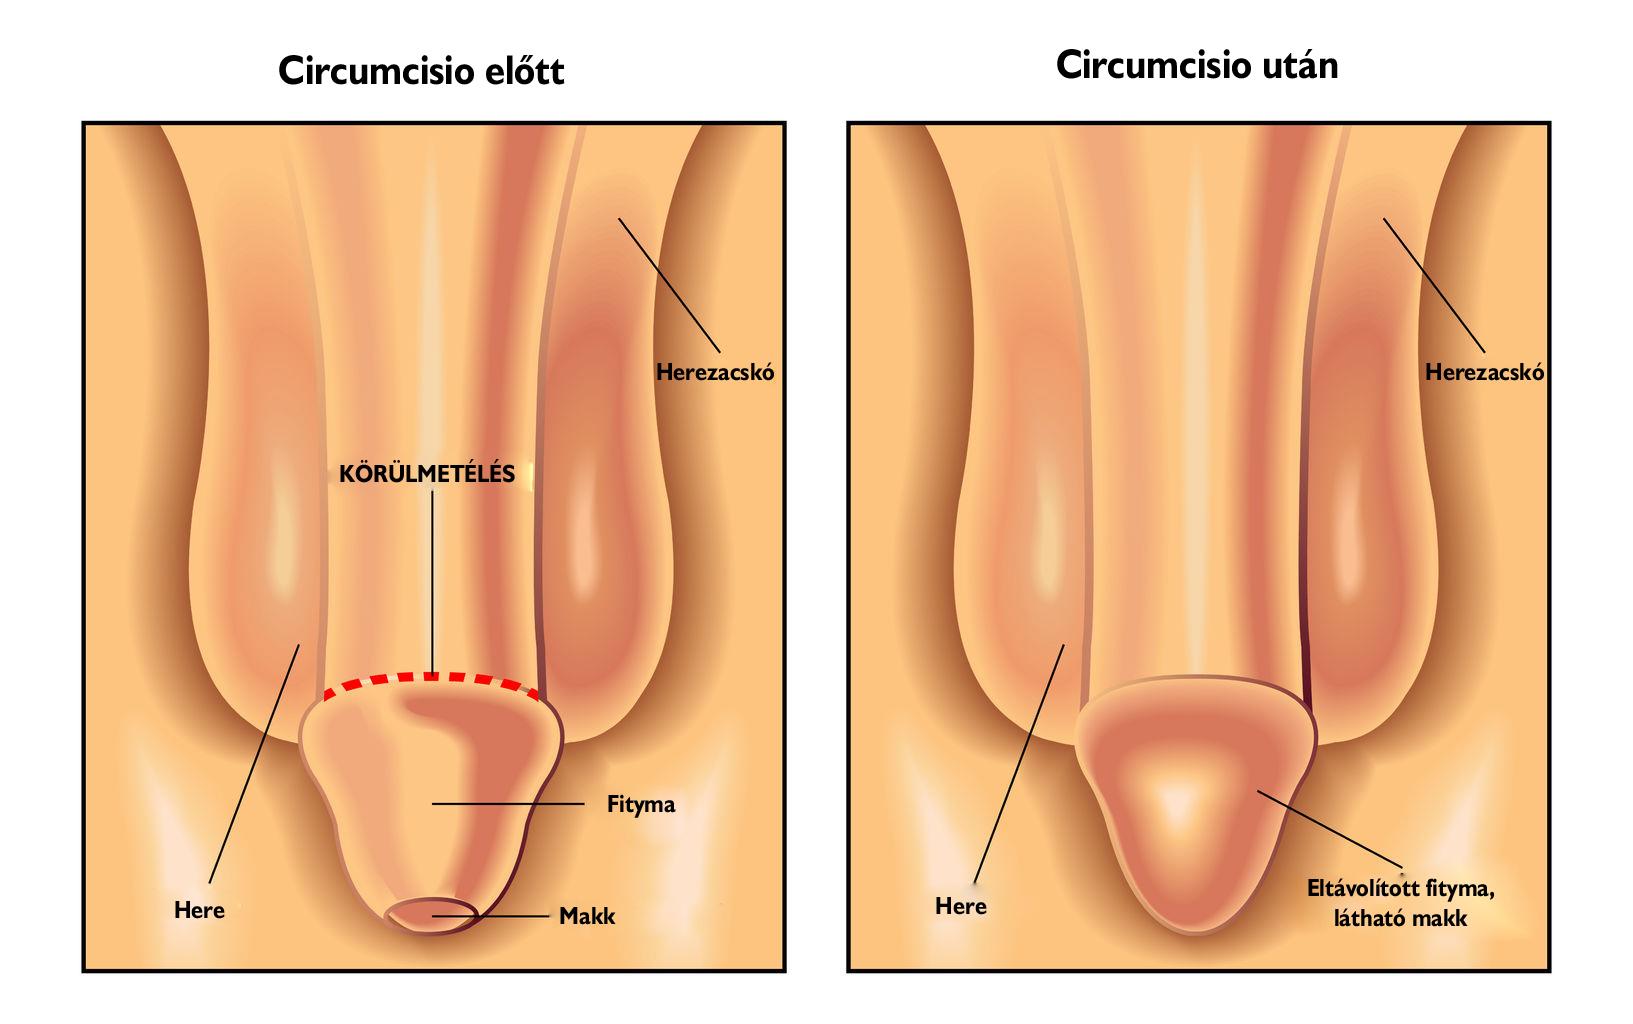 így néz ki az egészséges pénisz